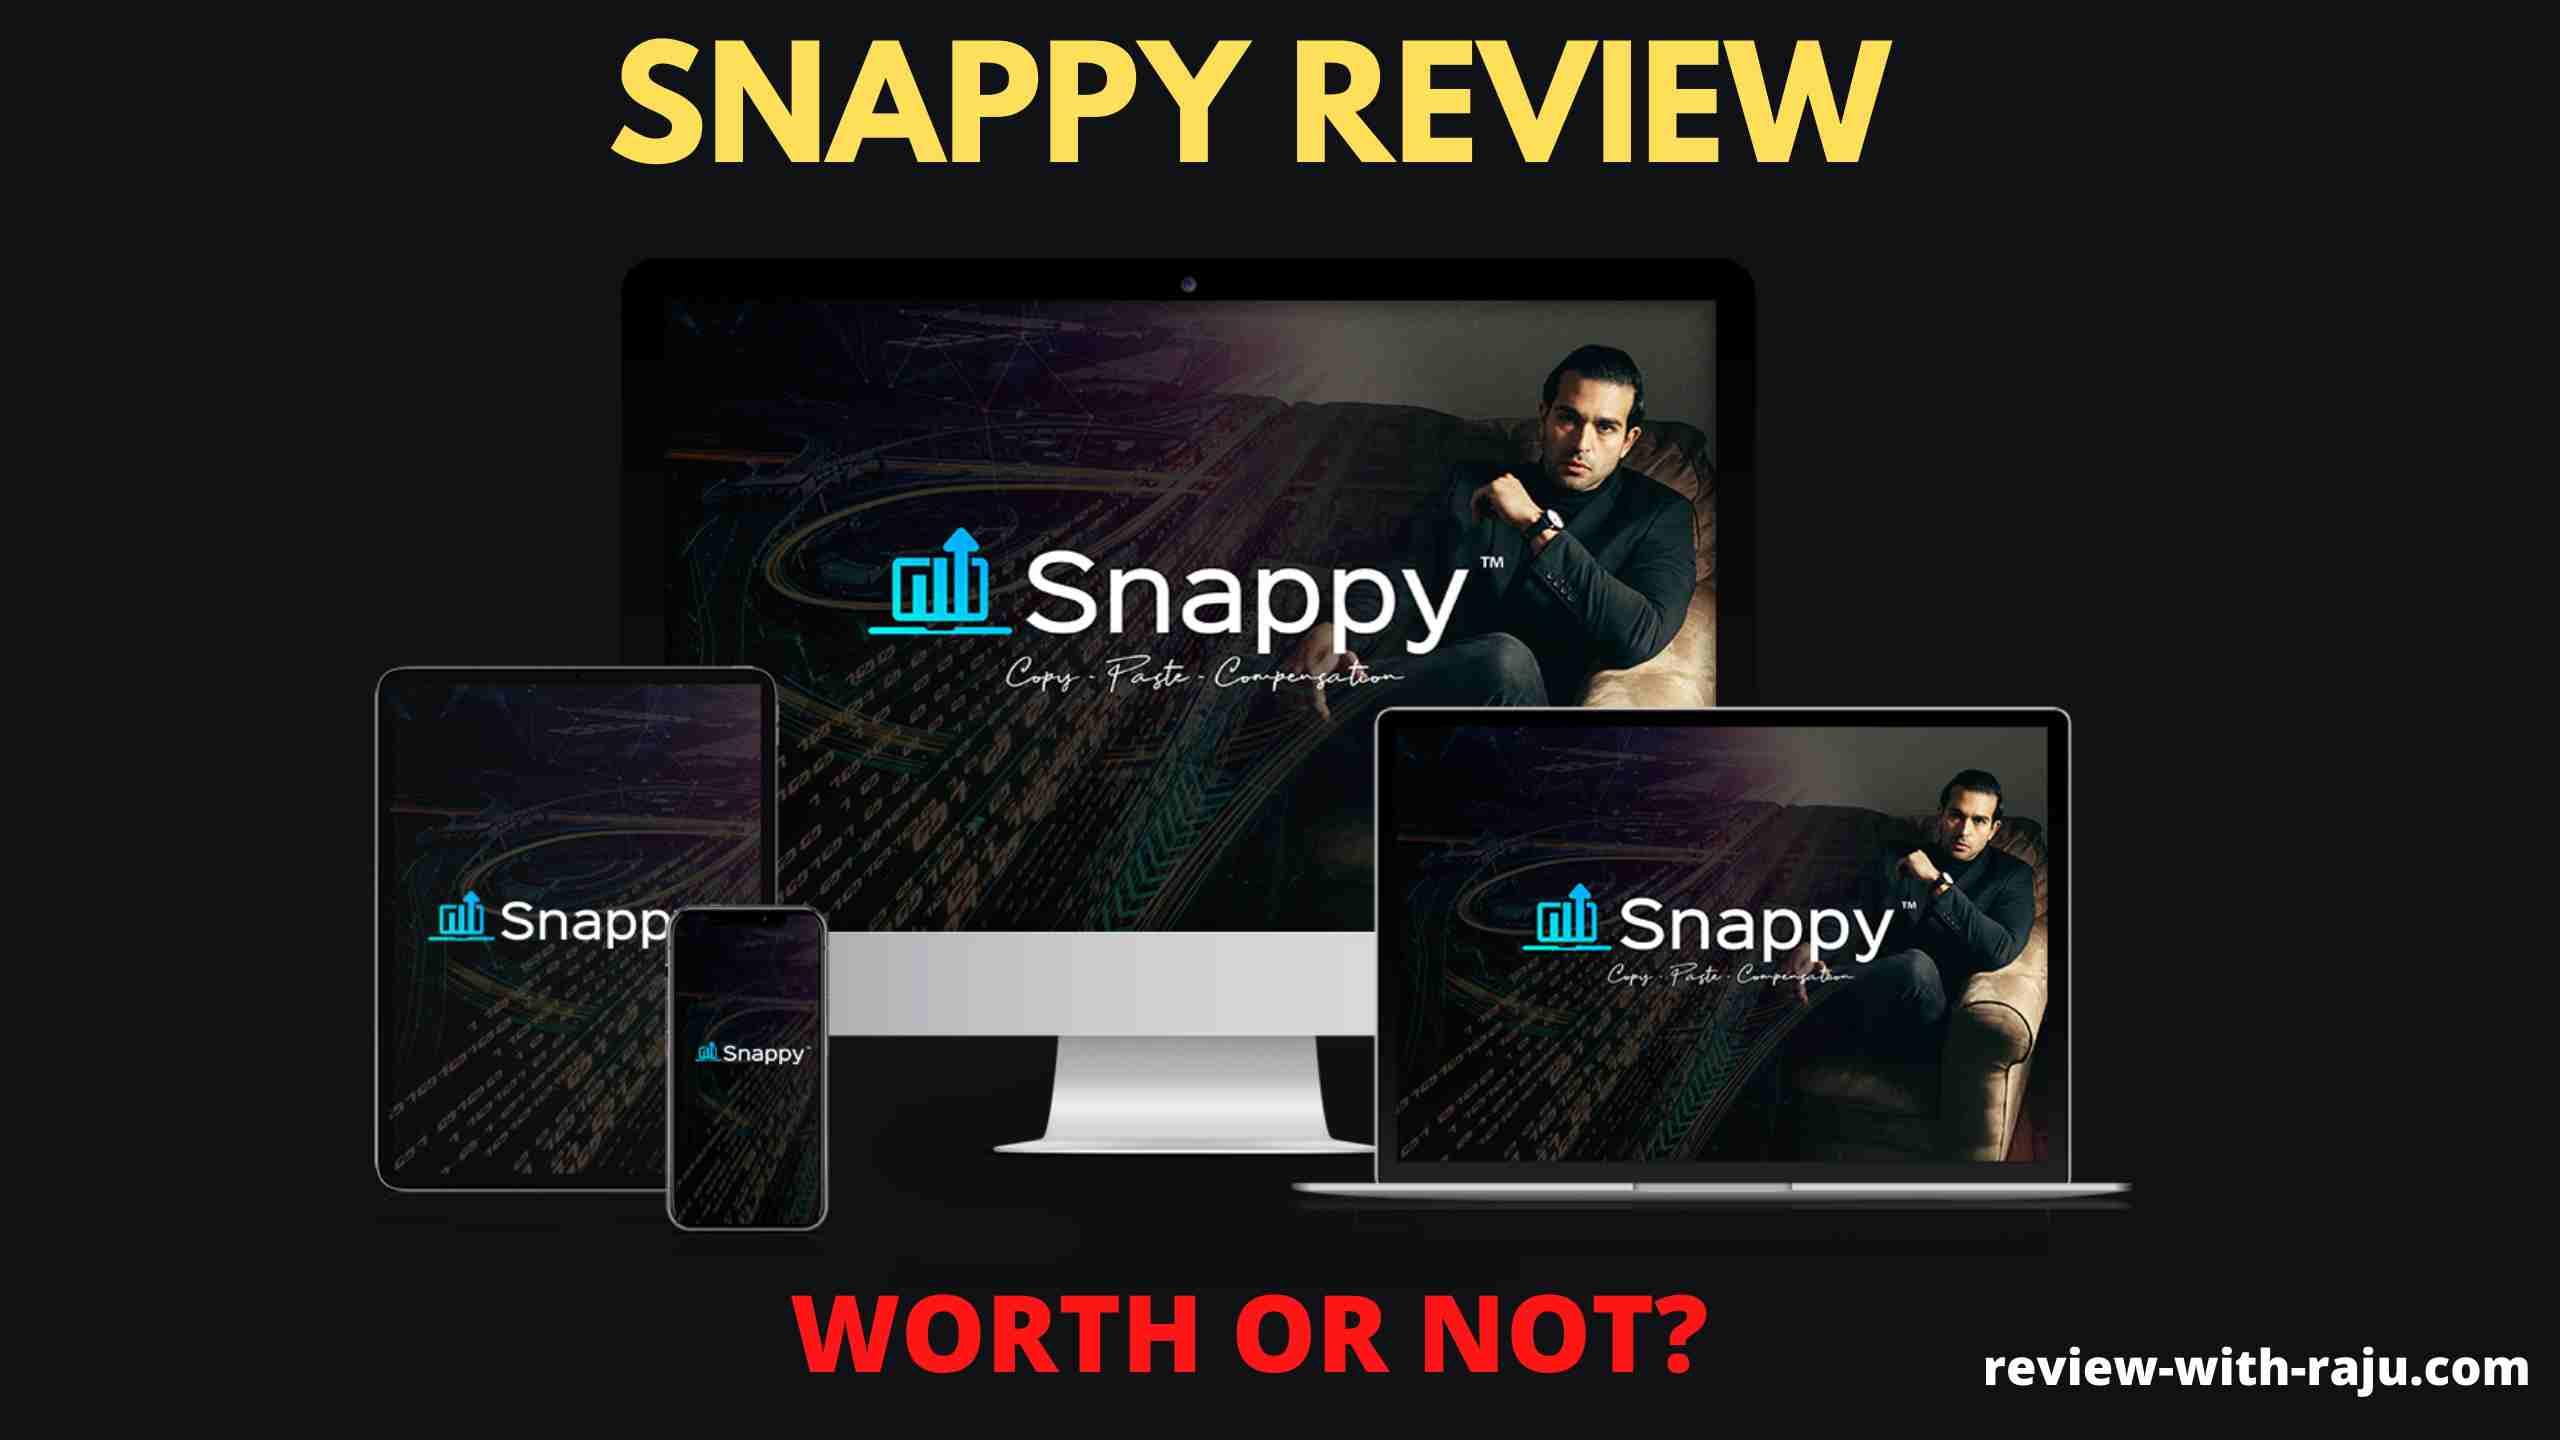 Snappy Review  – Should I Buy Snappy? (Venkata Ramana)